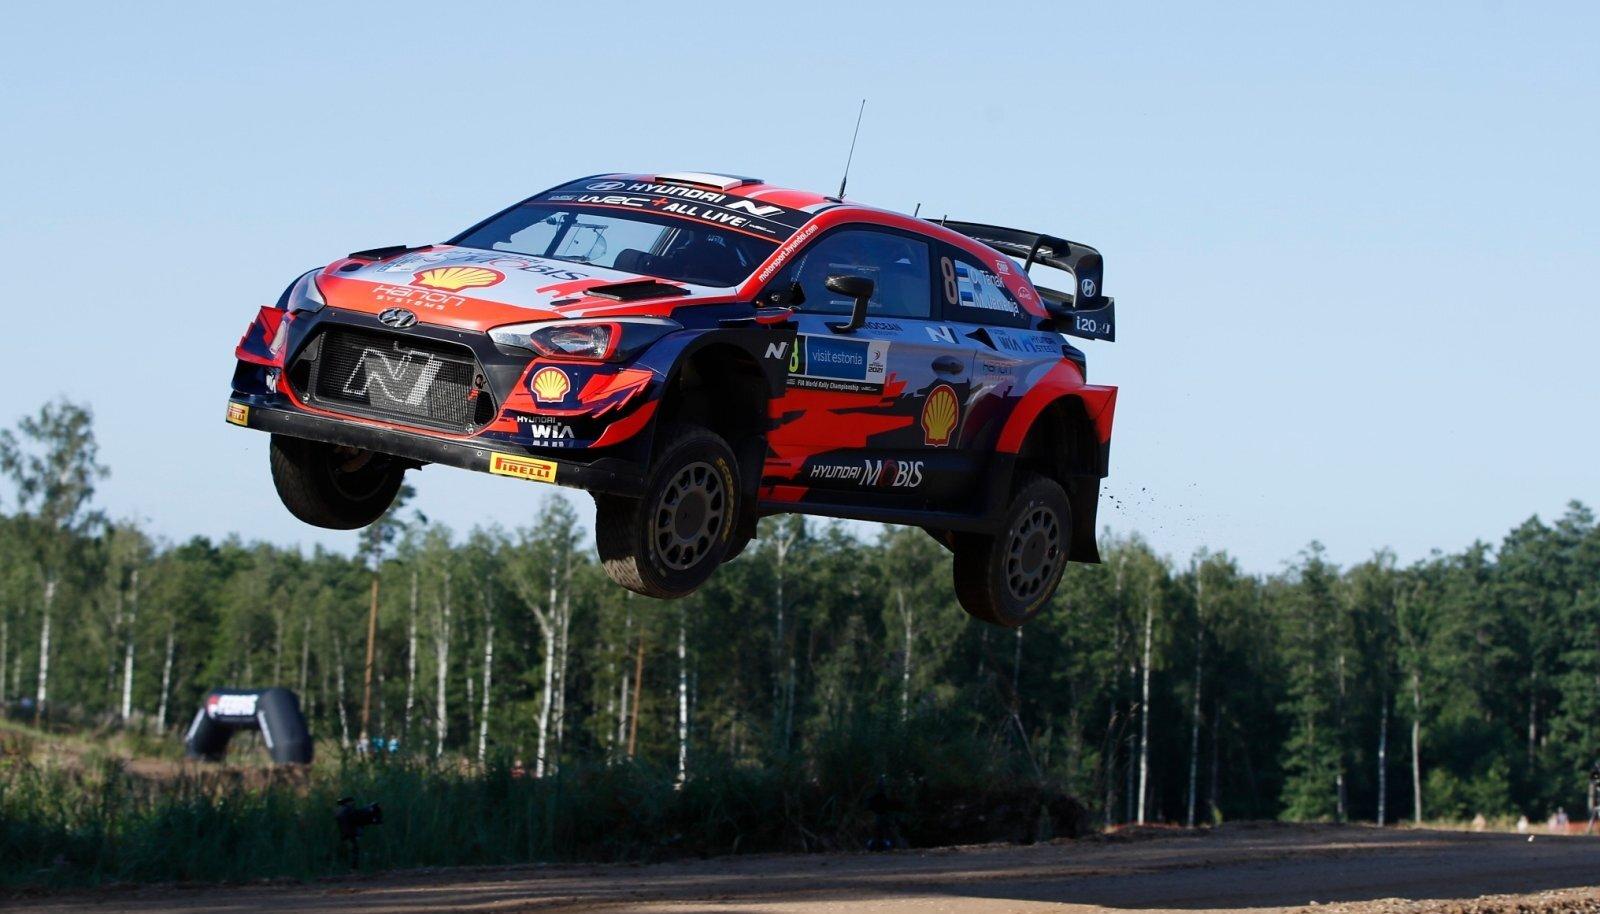 Kuigi midagi püüda enam polnud, näitasid Ott Tänak ja Martin Järveoja fännidele kiiret sõitu ja lennukaid hüppeid.